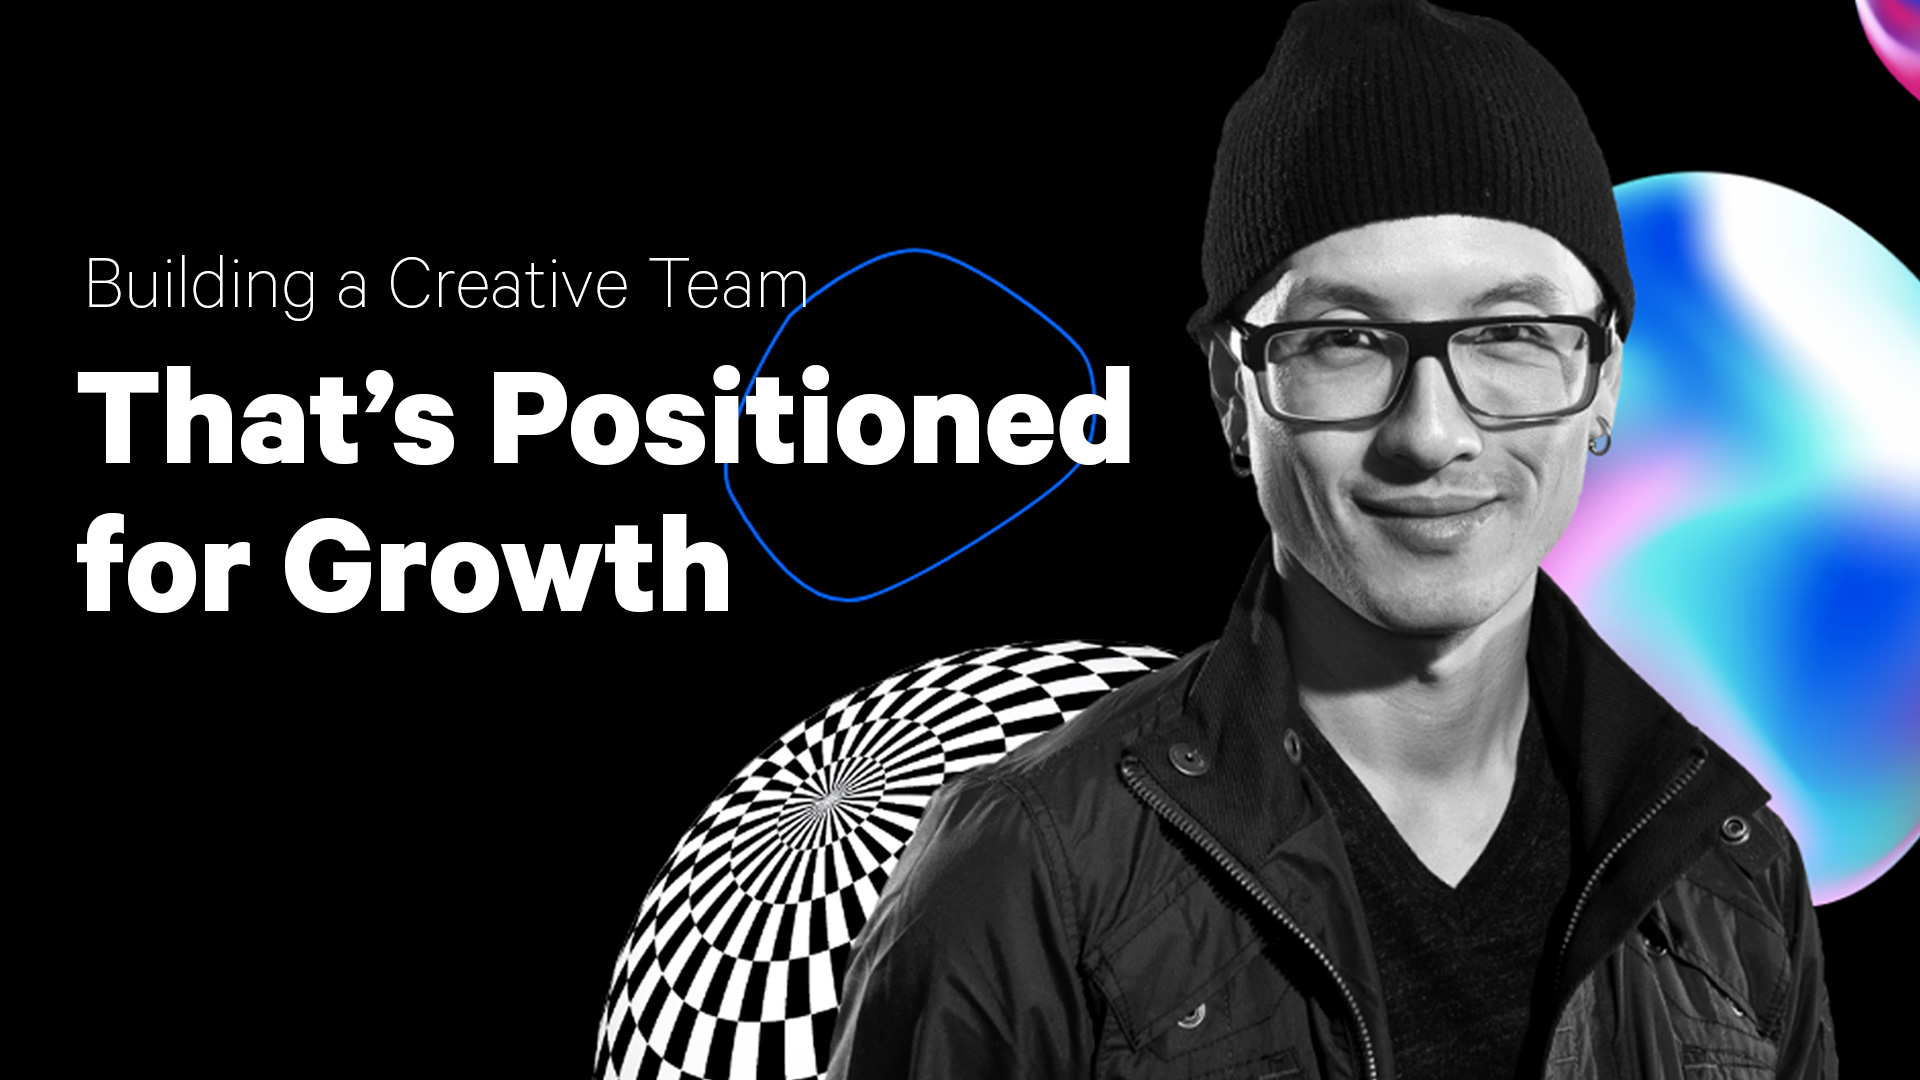 建立一个用于增长的创意团队